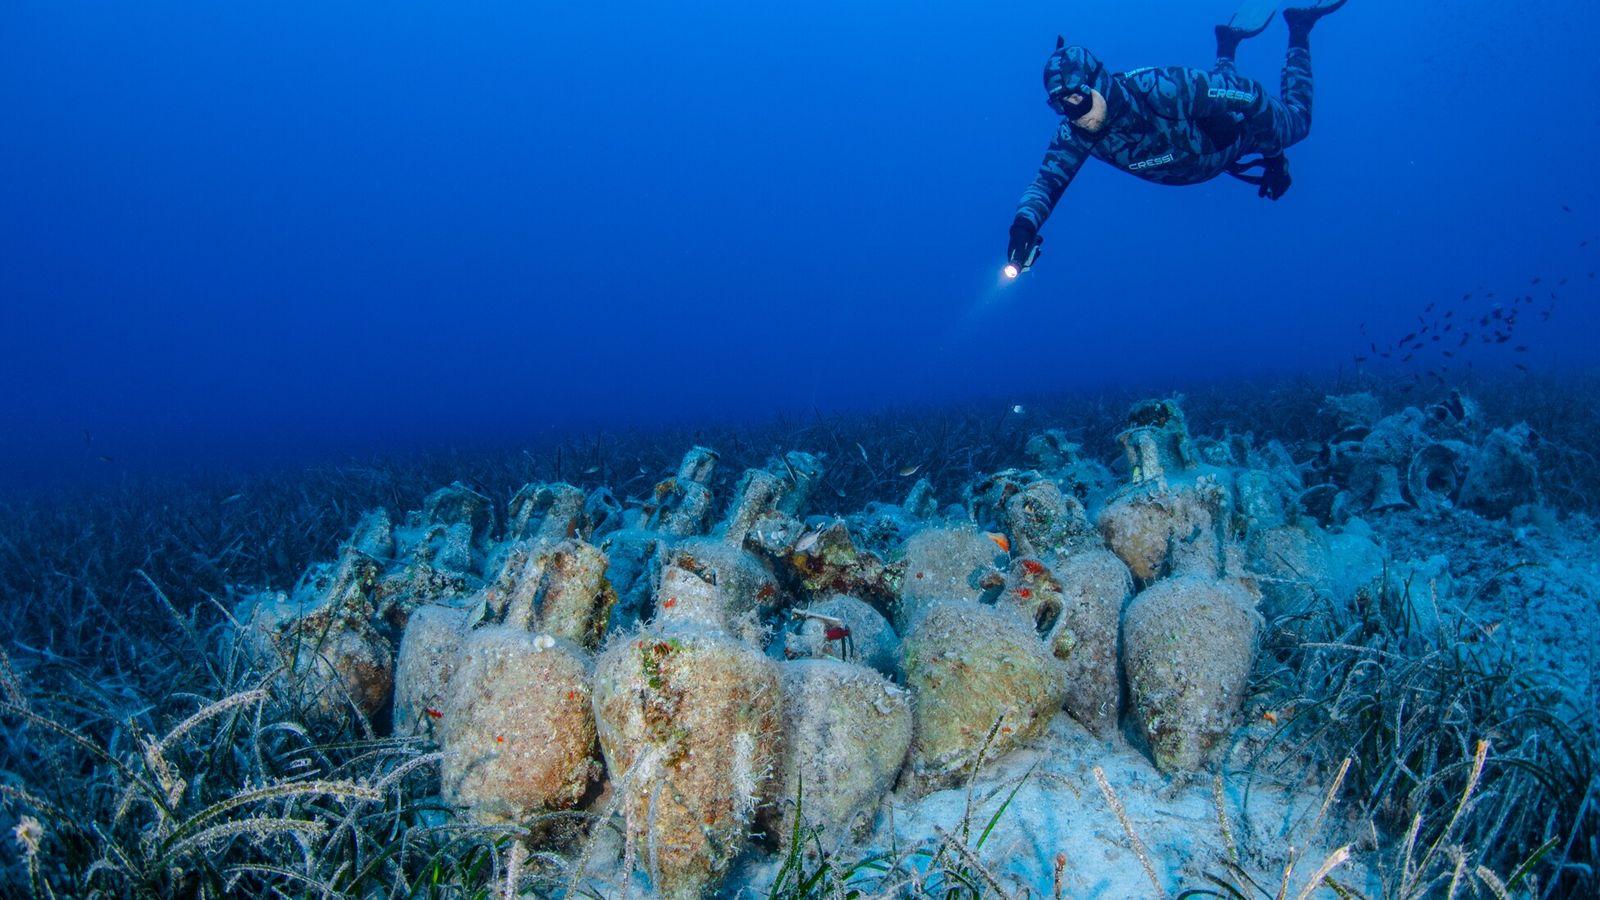 En Grèce, le nouveau musée sous-marin dont l'ouverture est programmée en juin 2021 offrira la possibilité aux ...